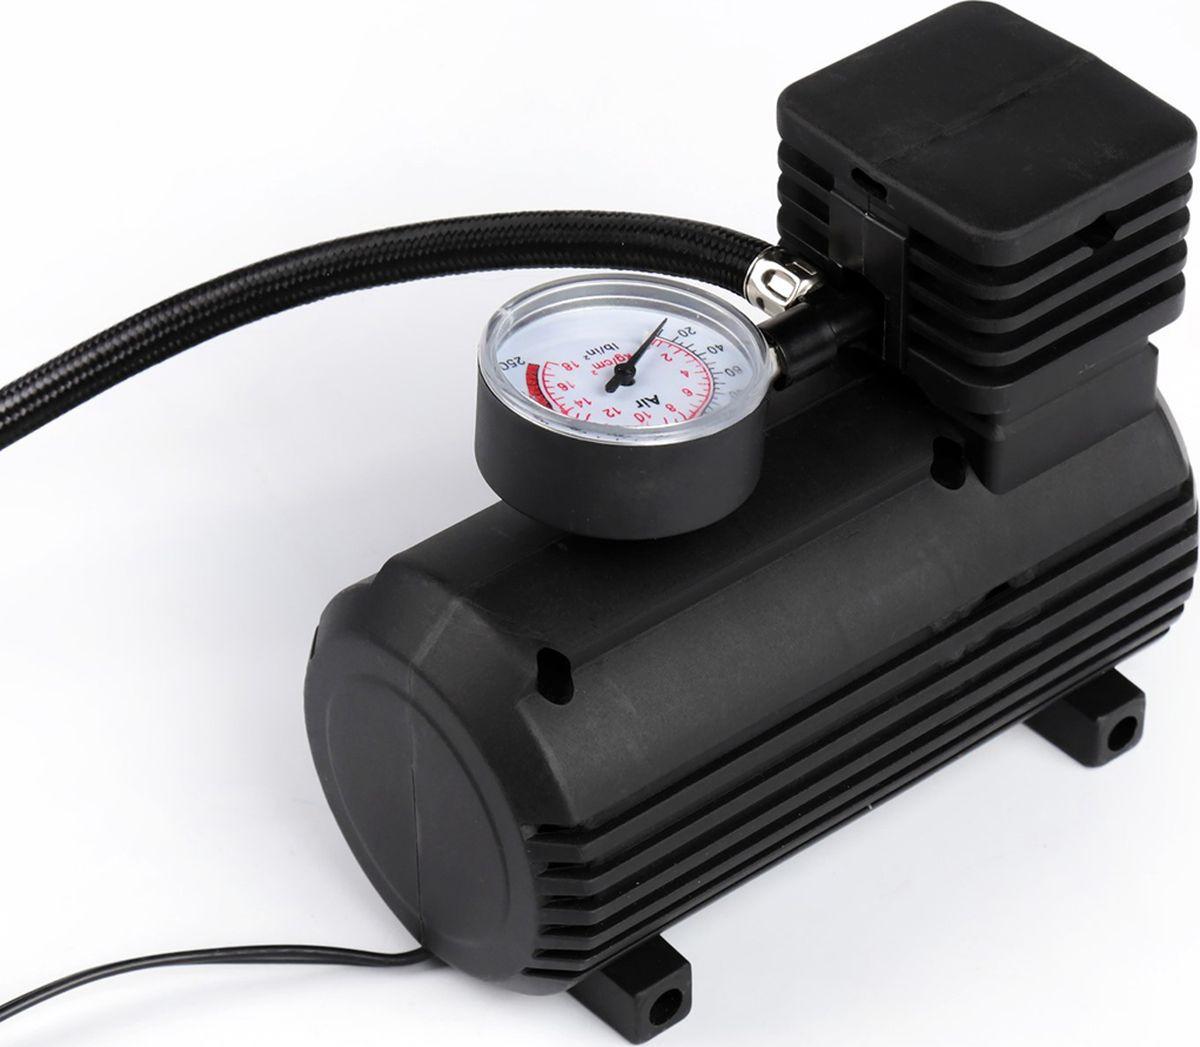 Автомобильный компрессор TK-102, 1065262, 15 л/мин, шланг 45 см